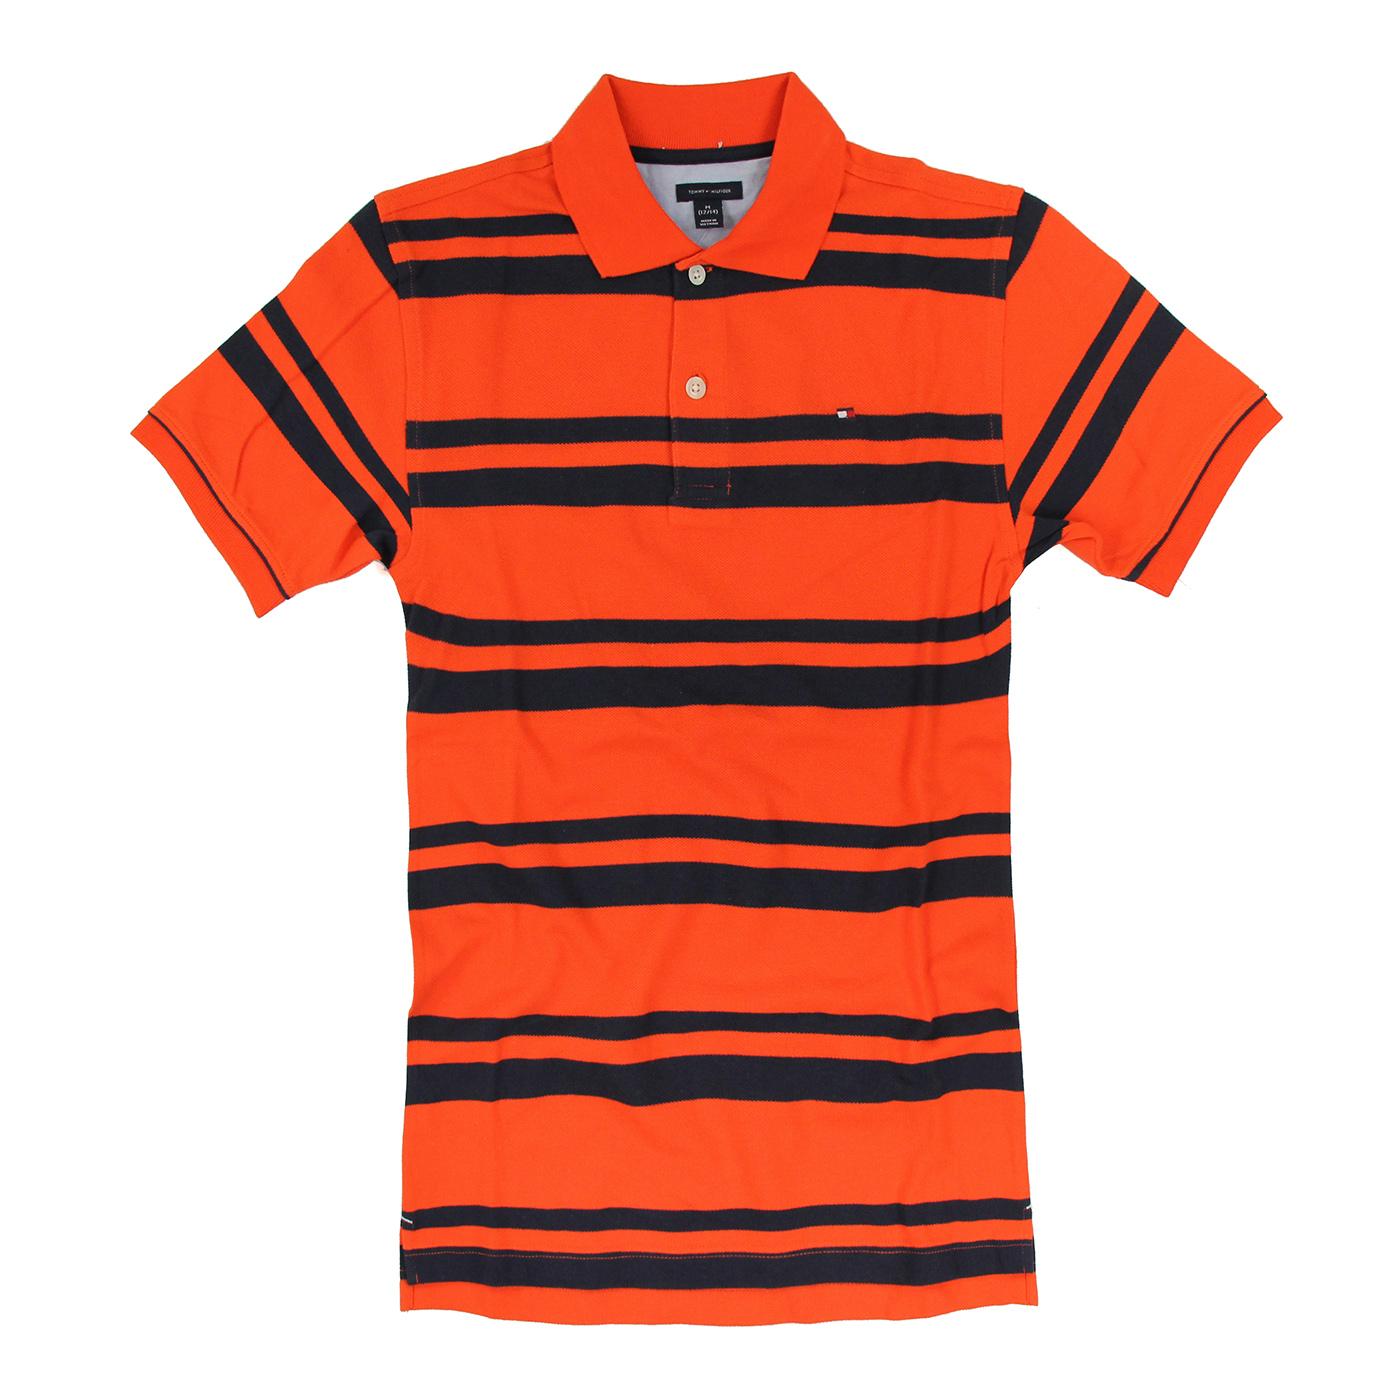 美國百分百【Tommy Hilfiger】Polo衫 TH 短袖 網眼 上衣 條紋 橘色 深藍 XS XXS號 F138